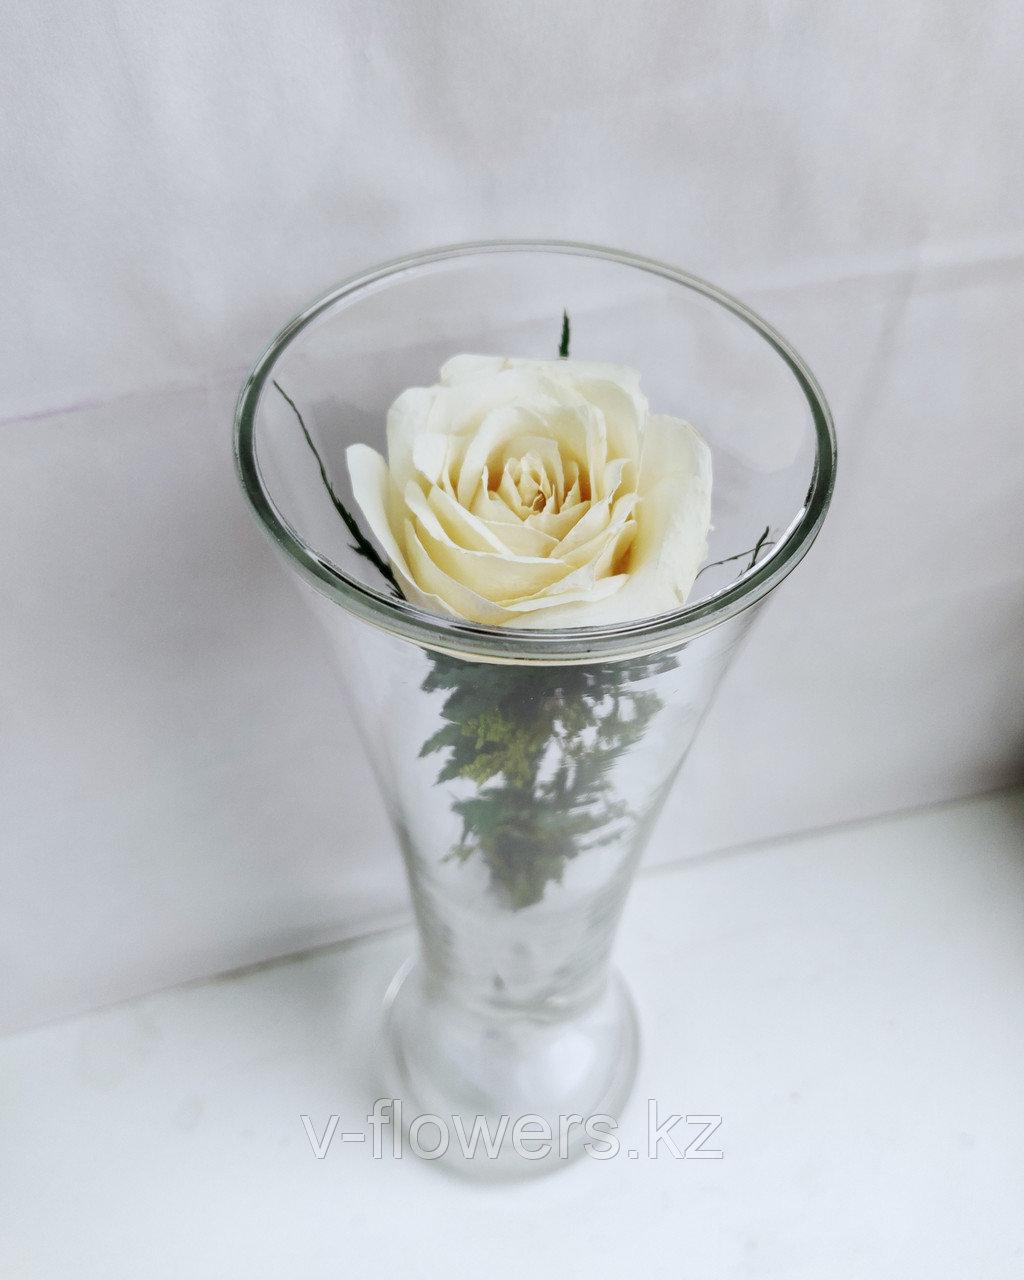 Живые цветы в стекле CuHRw